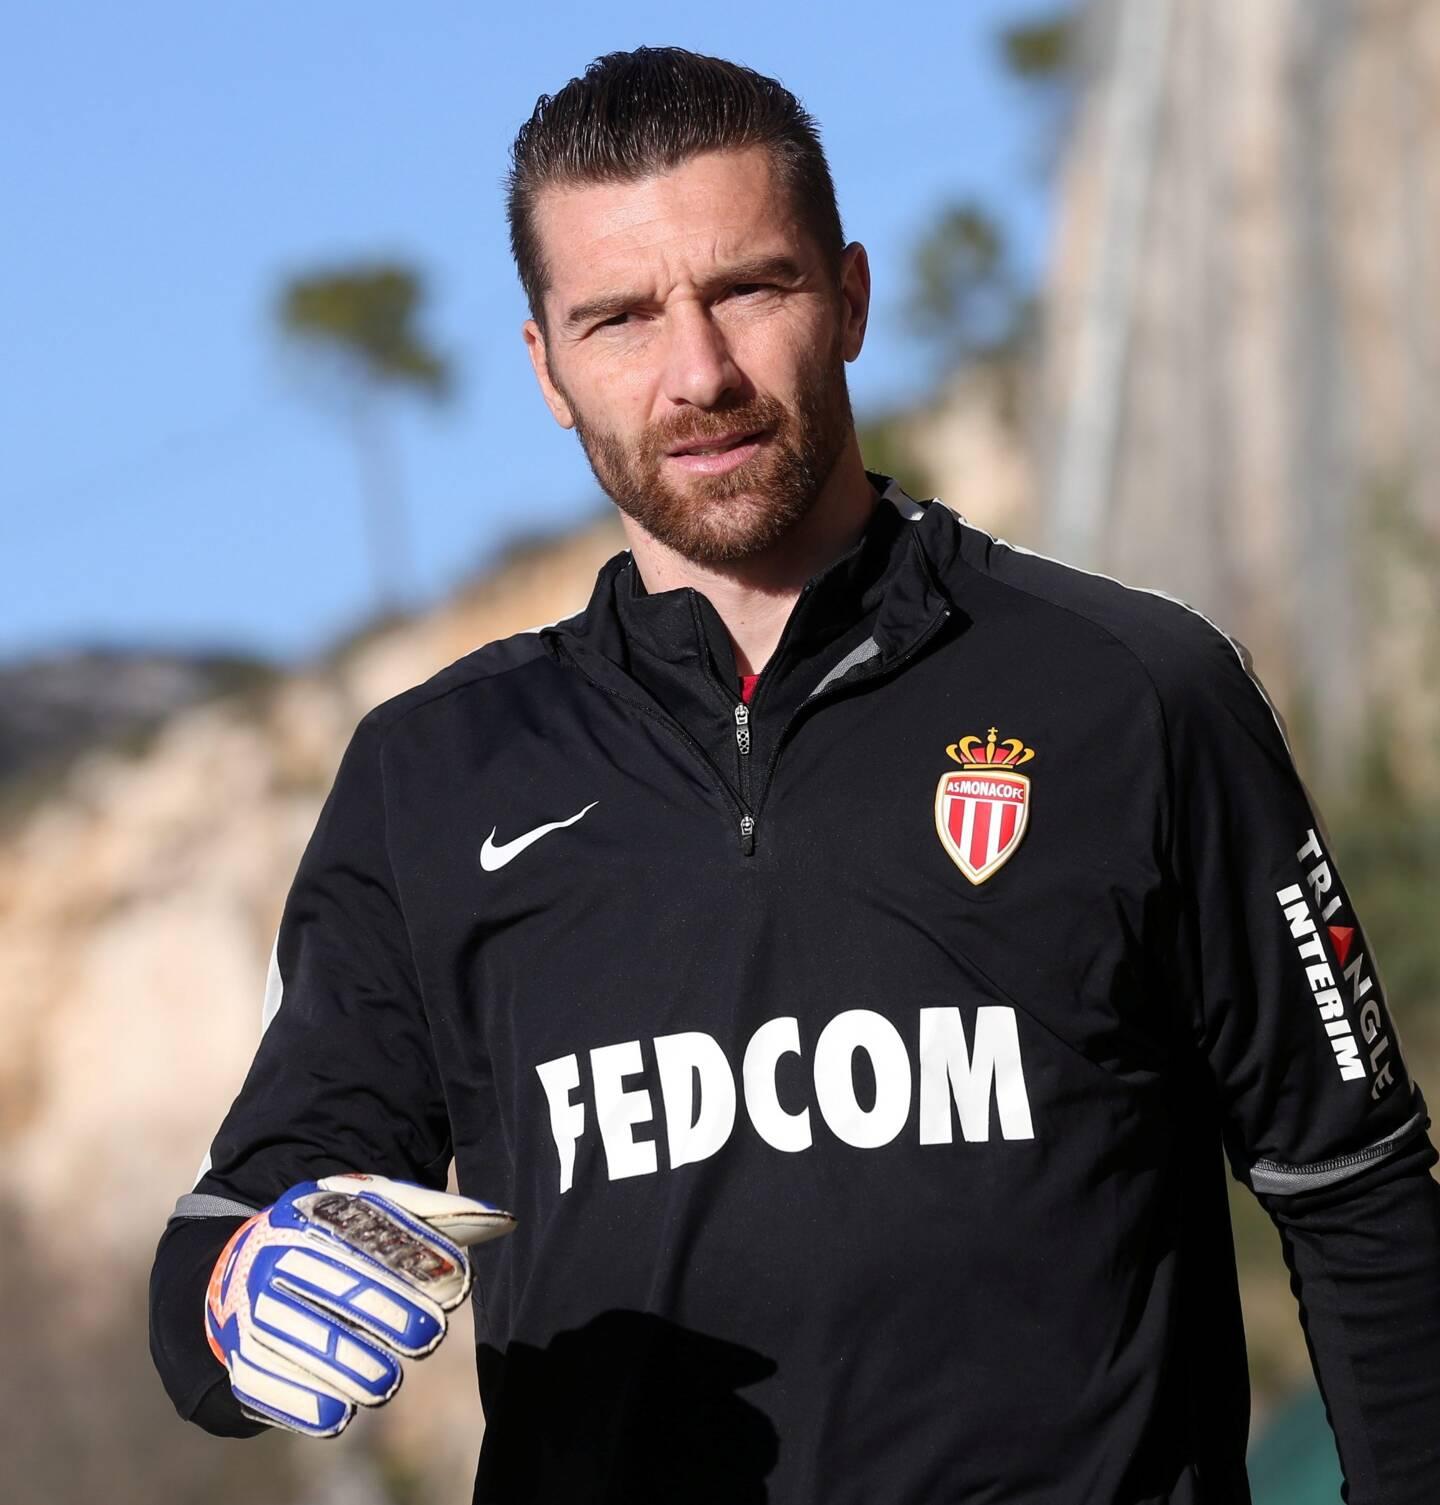 L'ex-international italien a joué une saison à Monaco (8 matchs, 1 en Ligue 1). Il a remporté le titre de champion de France en 2017.